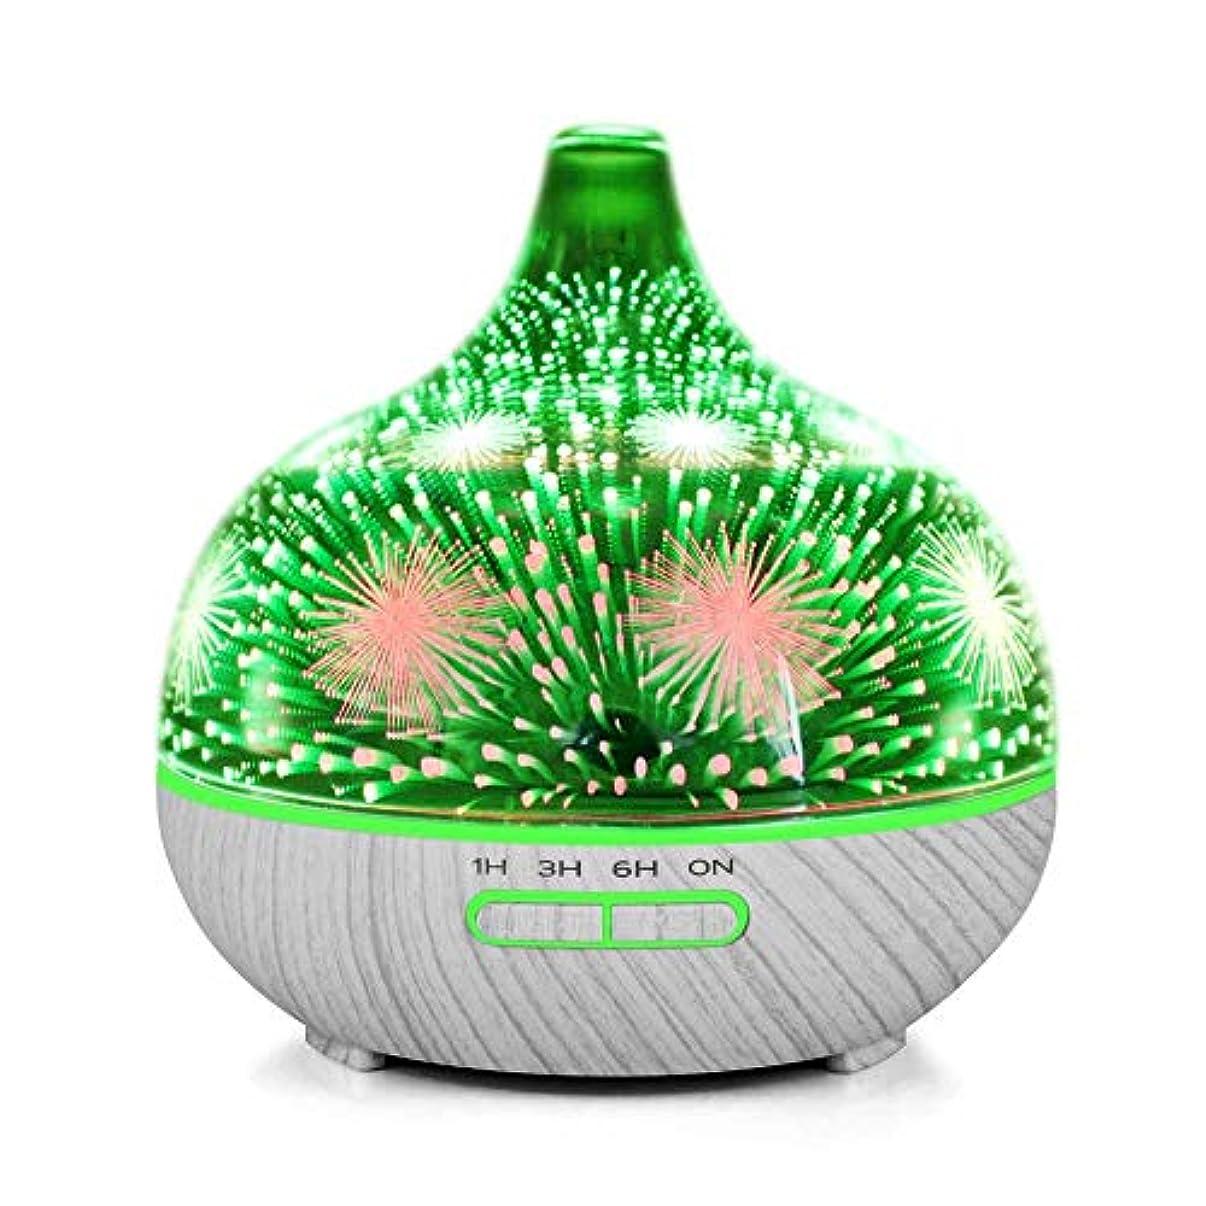 ピンチサーマル請うMakifly 3D Night Light Ultrasonic Cool Mist Humidifier, Aroma Diffuser Essential Oil Humidifiers, Aromatherapy...